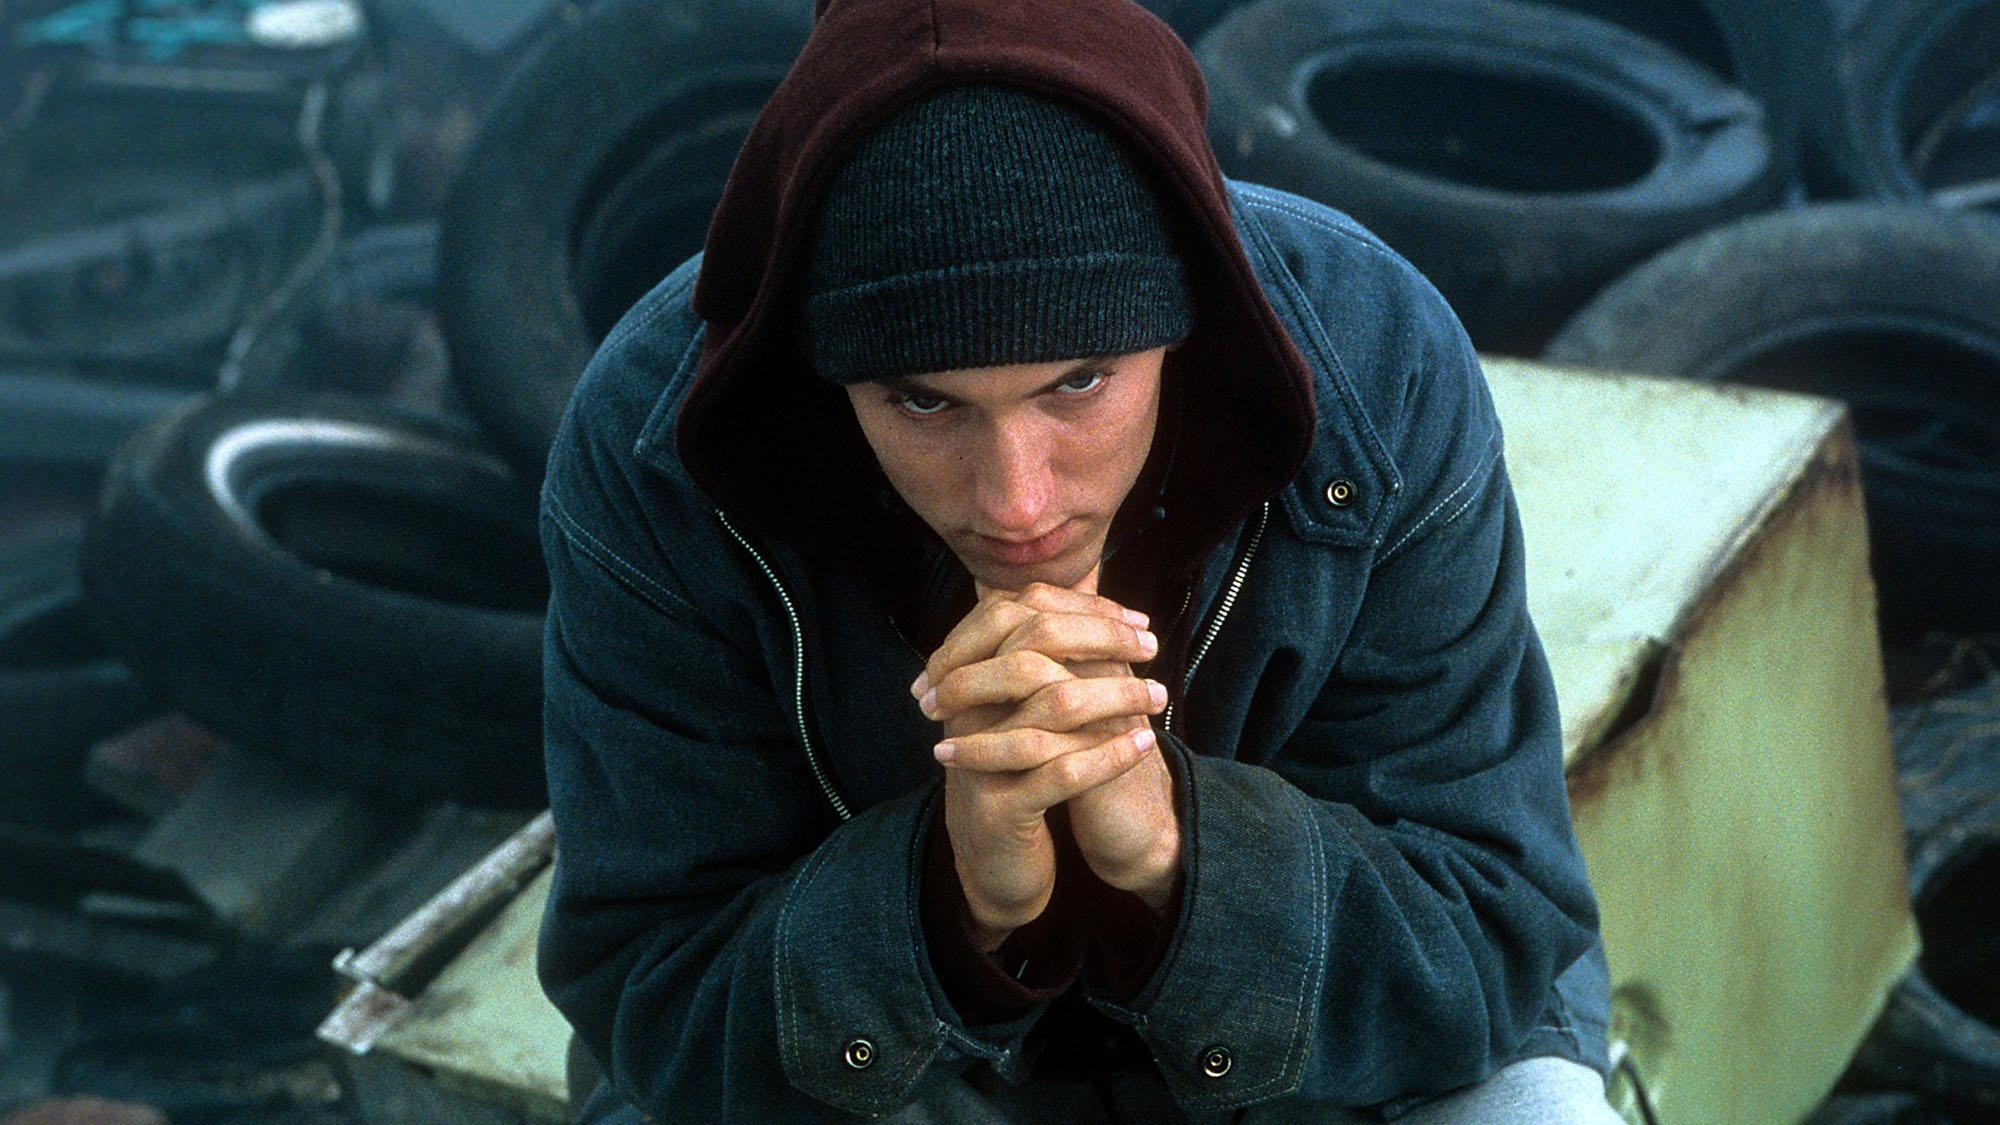 Eminem attaque Spotify parce qu'il fait n'importe quoi avec ses chansons